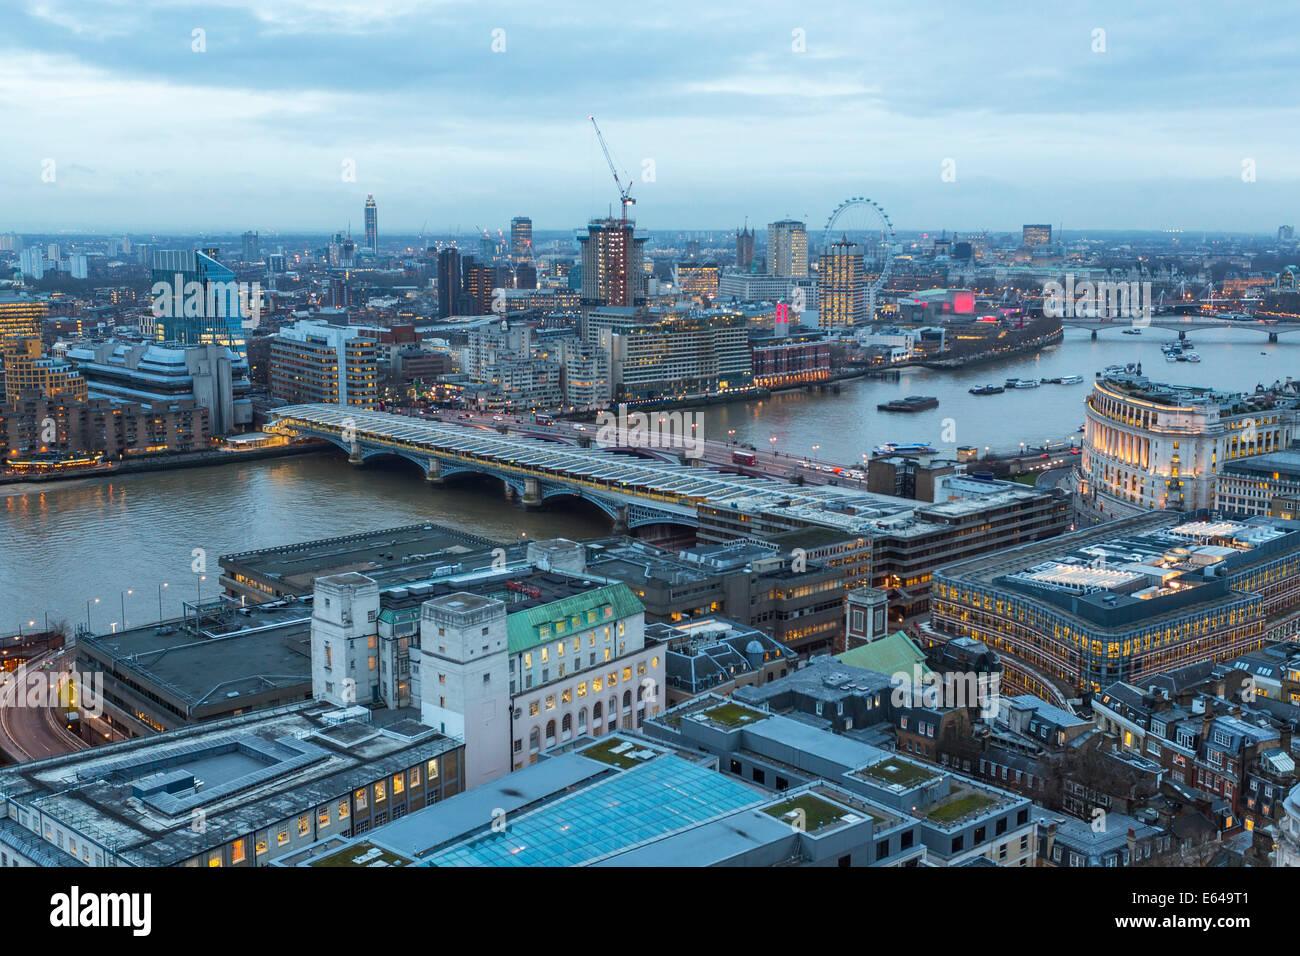 Vue sur la Tamise vers Millenium Wheel, London, UK Photo Stock